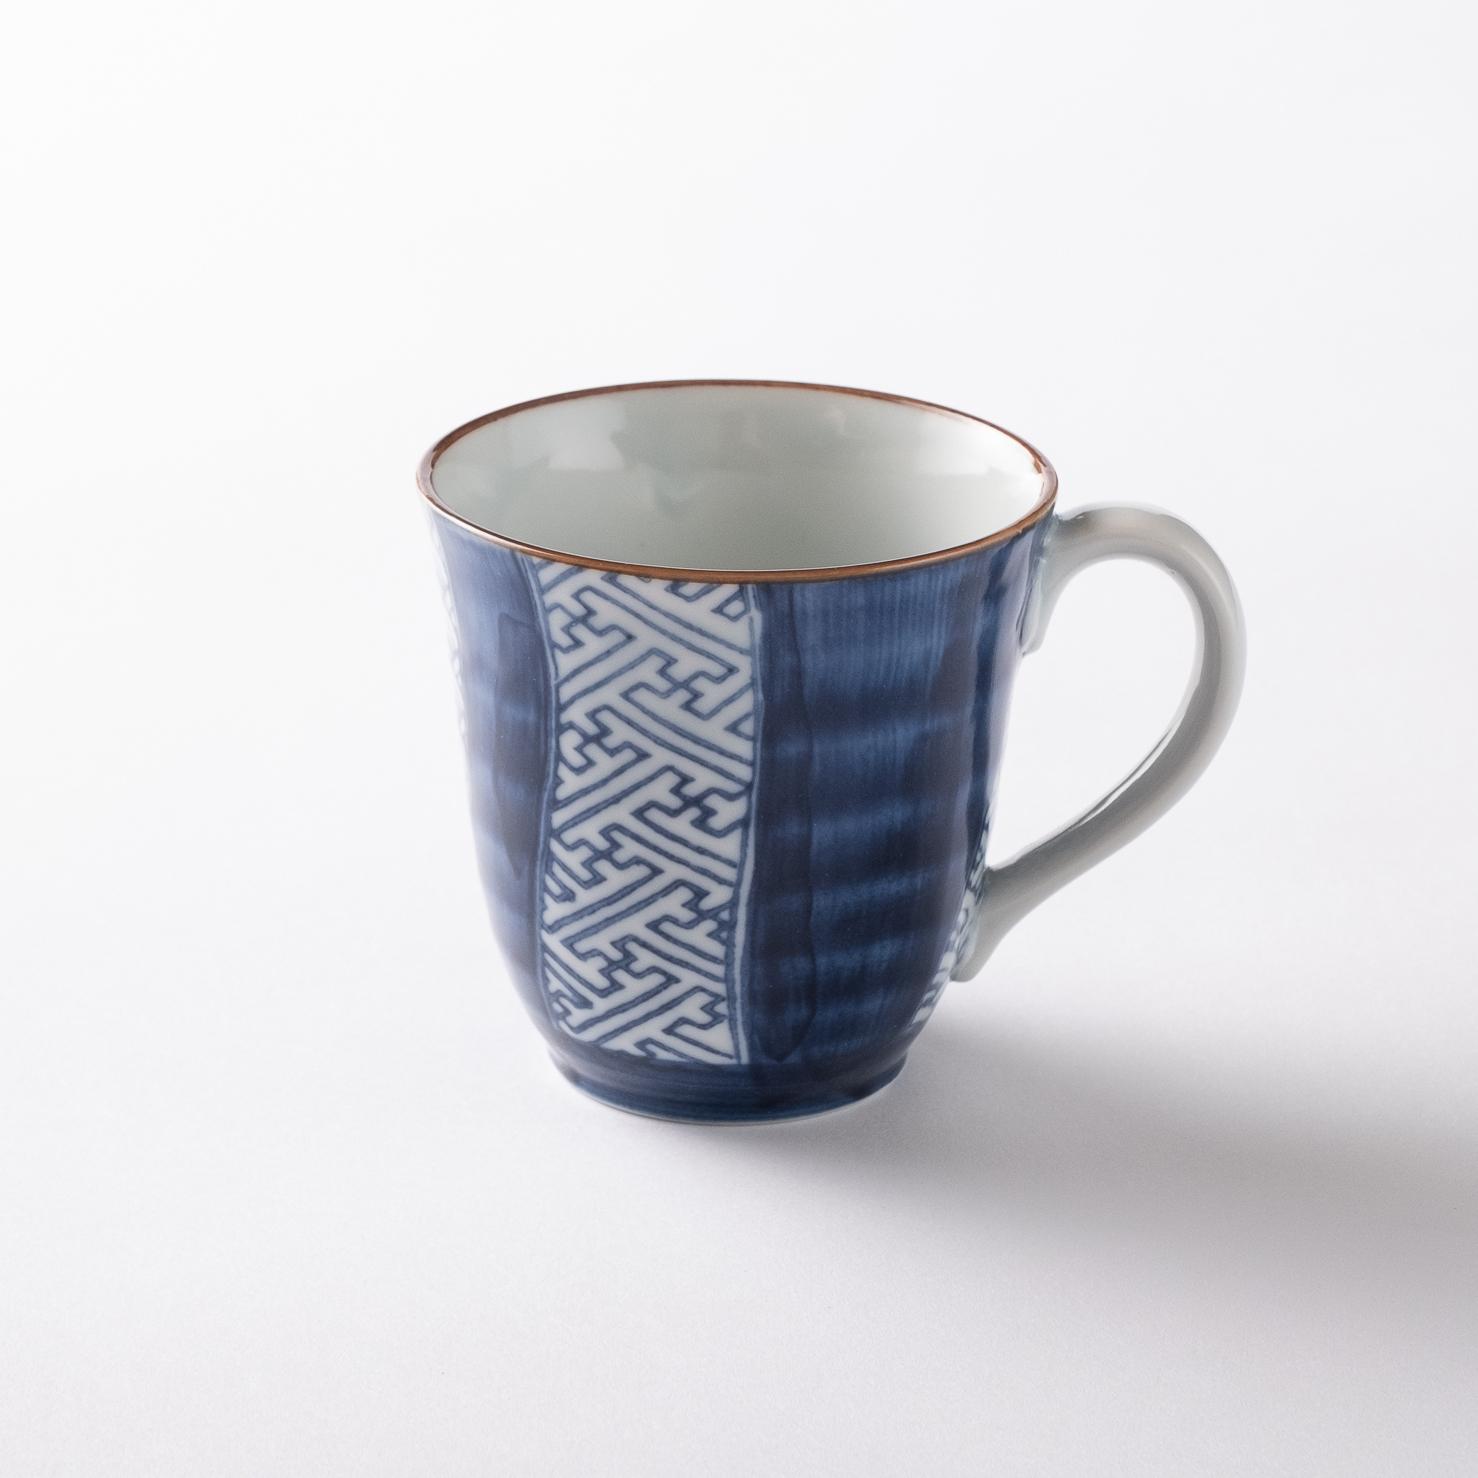 【美濃焼】マグカップ「染絵 呉須祥瑞 マグカップ」